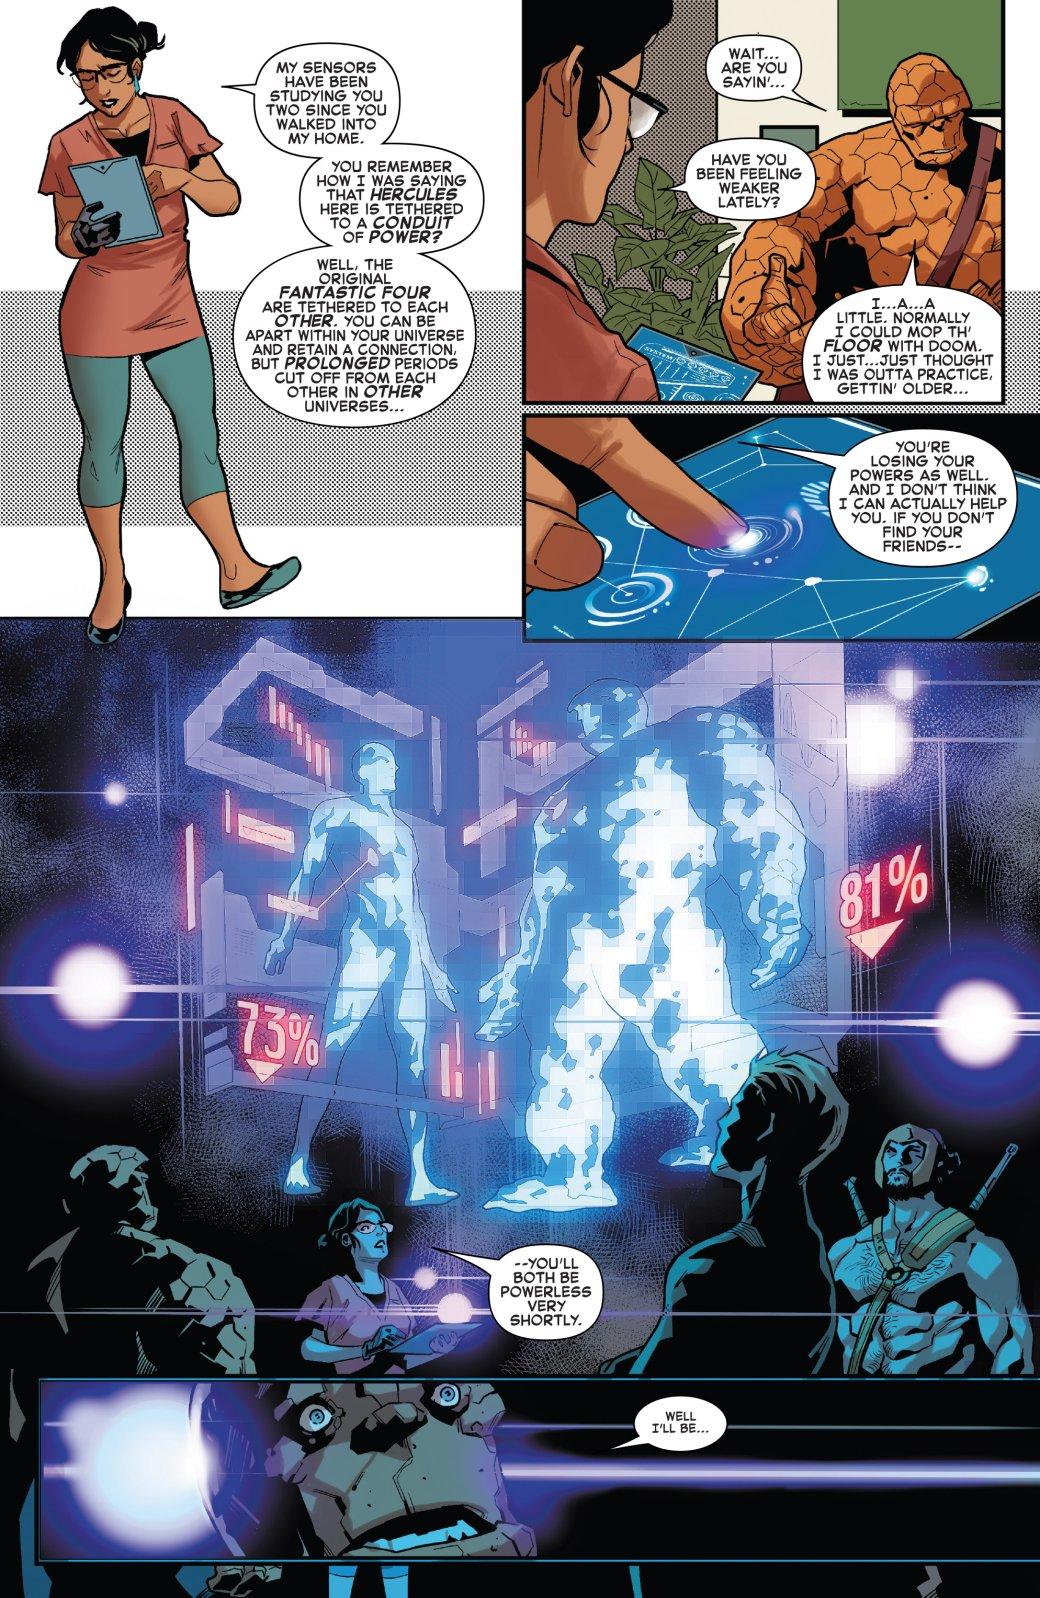 Издательство Marvel раскрыло важный секрет способностей Фантастической четверки. - Изображение 1